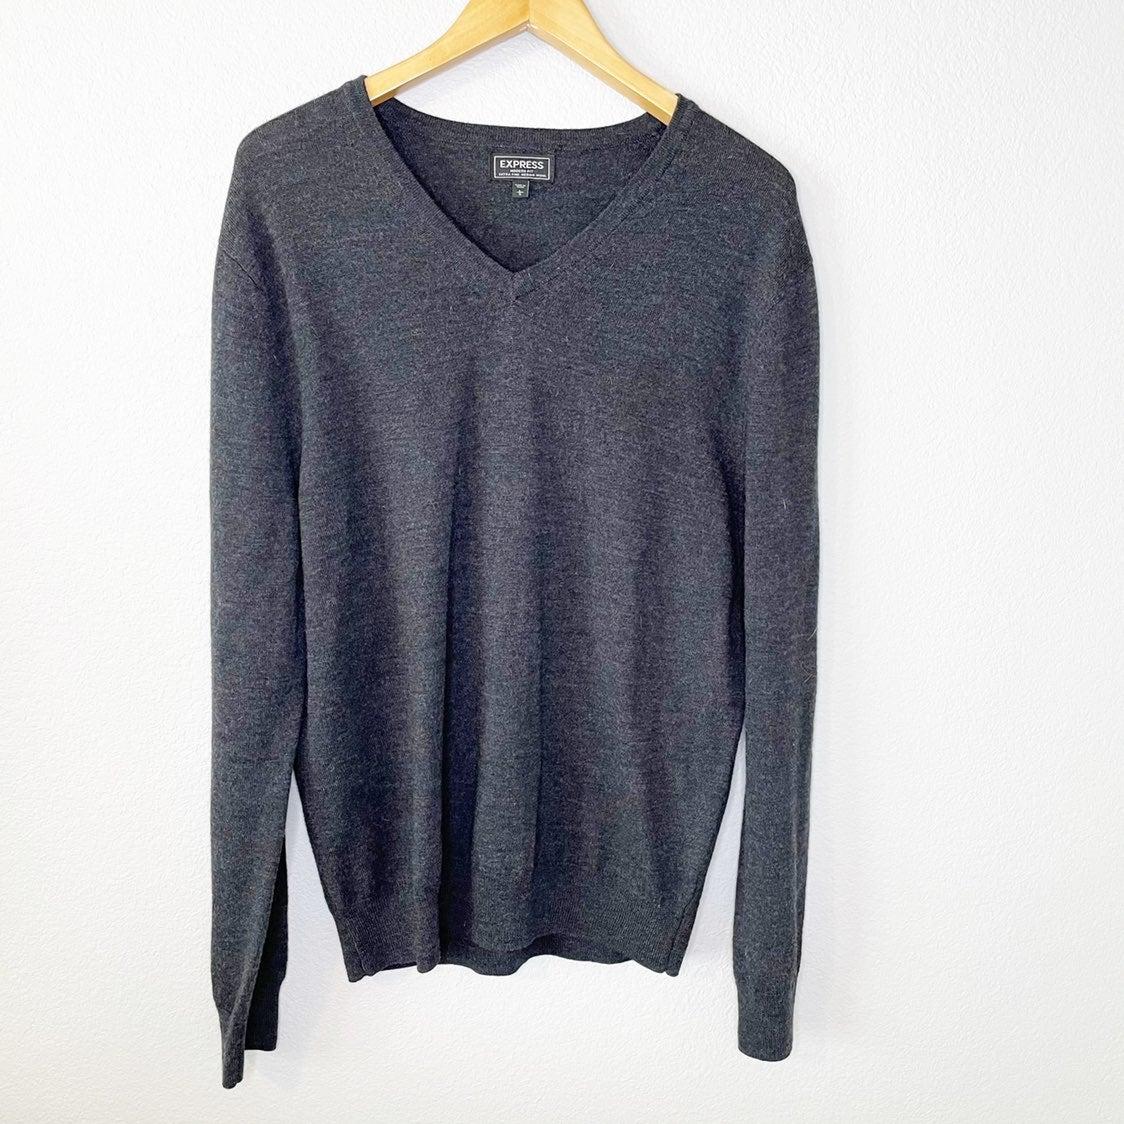 Men's Express Gray Modern Fit Sweater